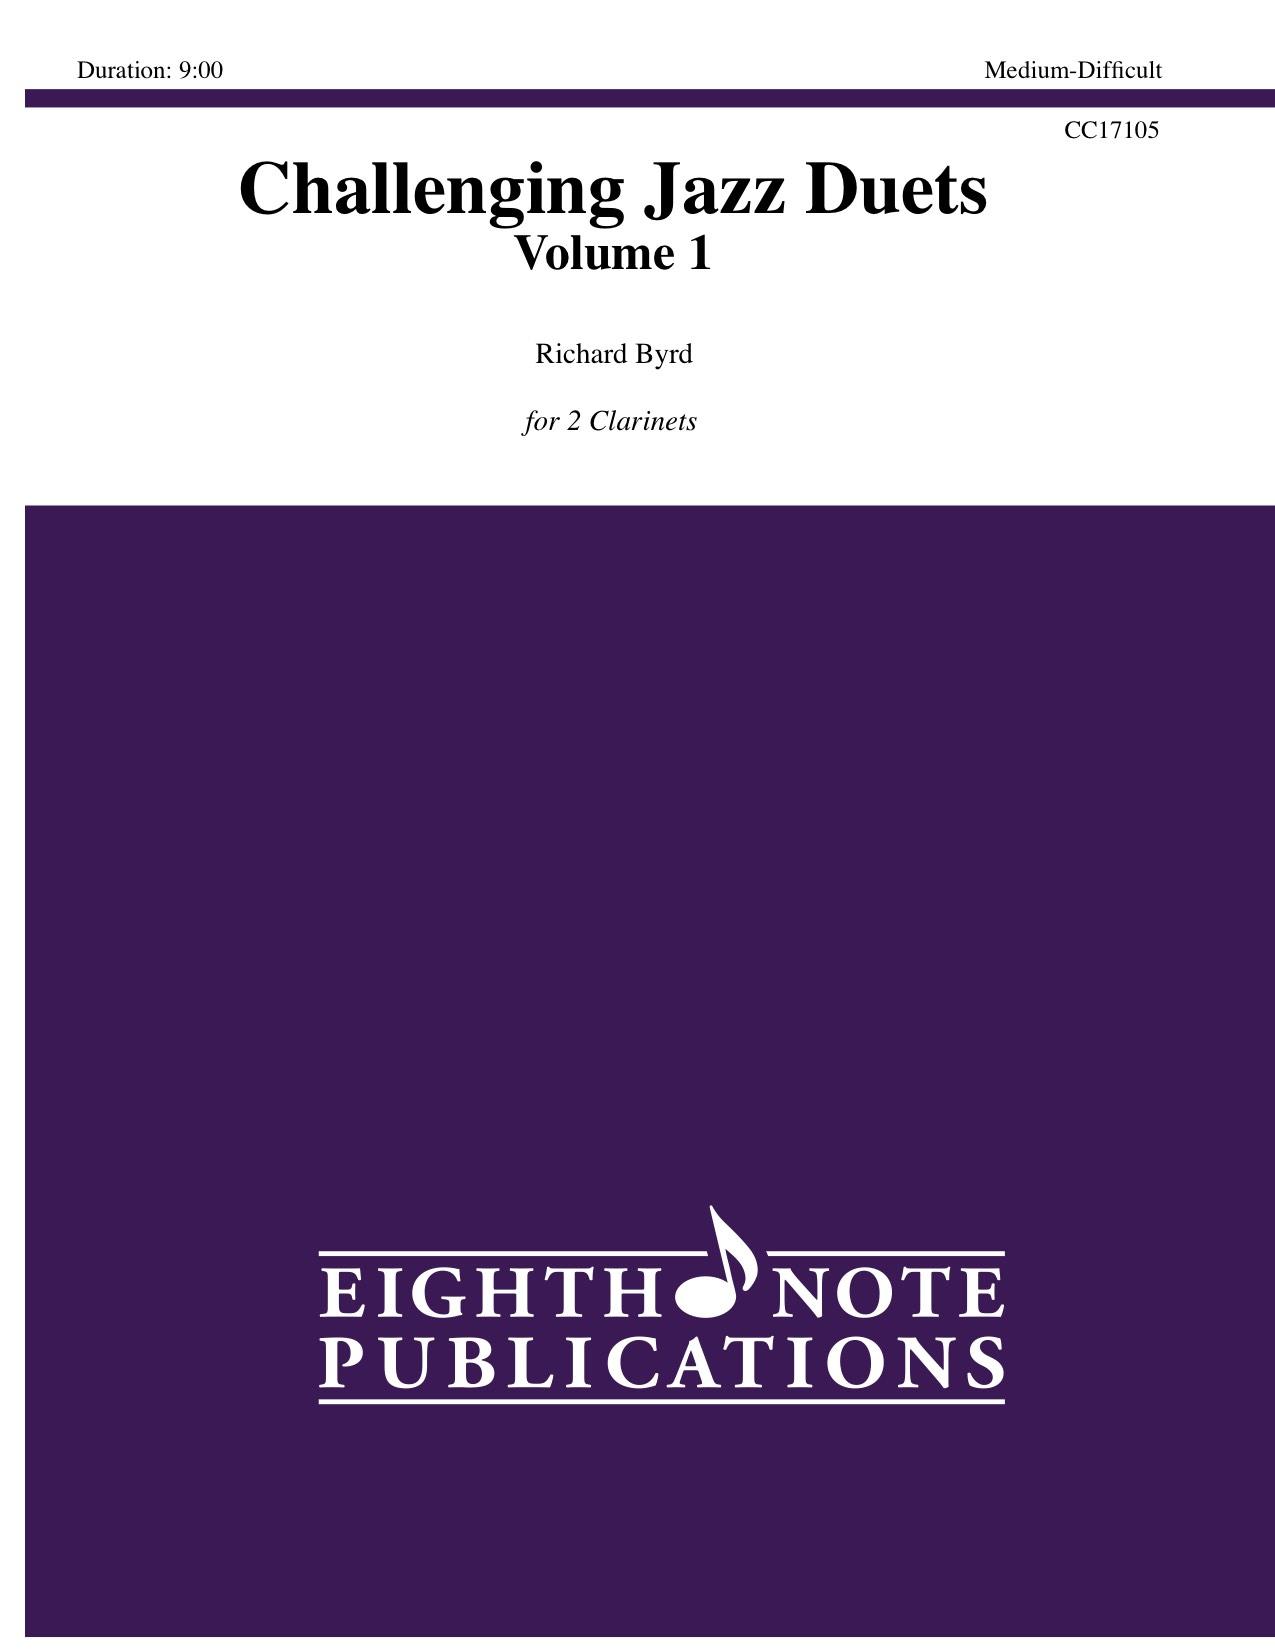 Challenging Jazz Duets Volume 1 - William Byrd